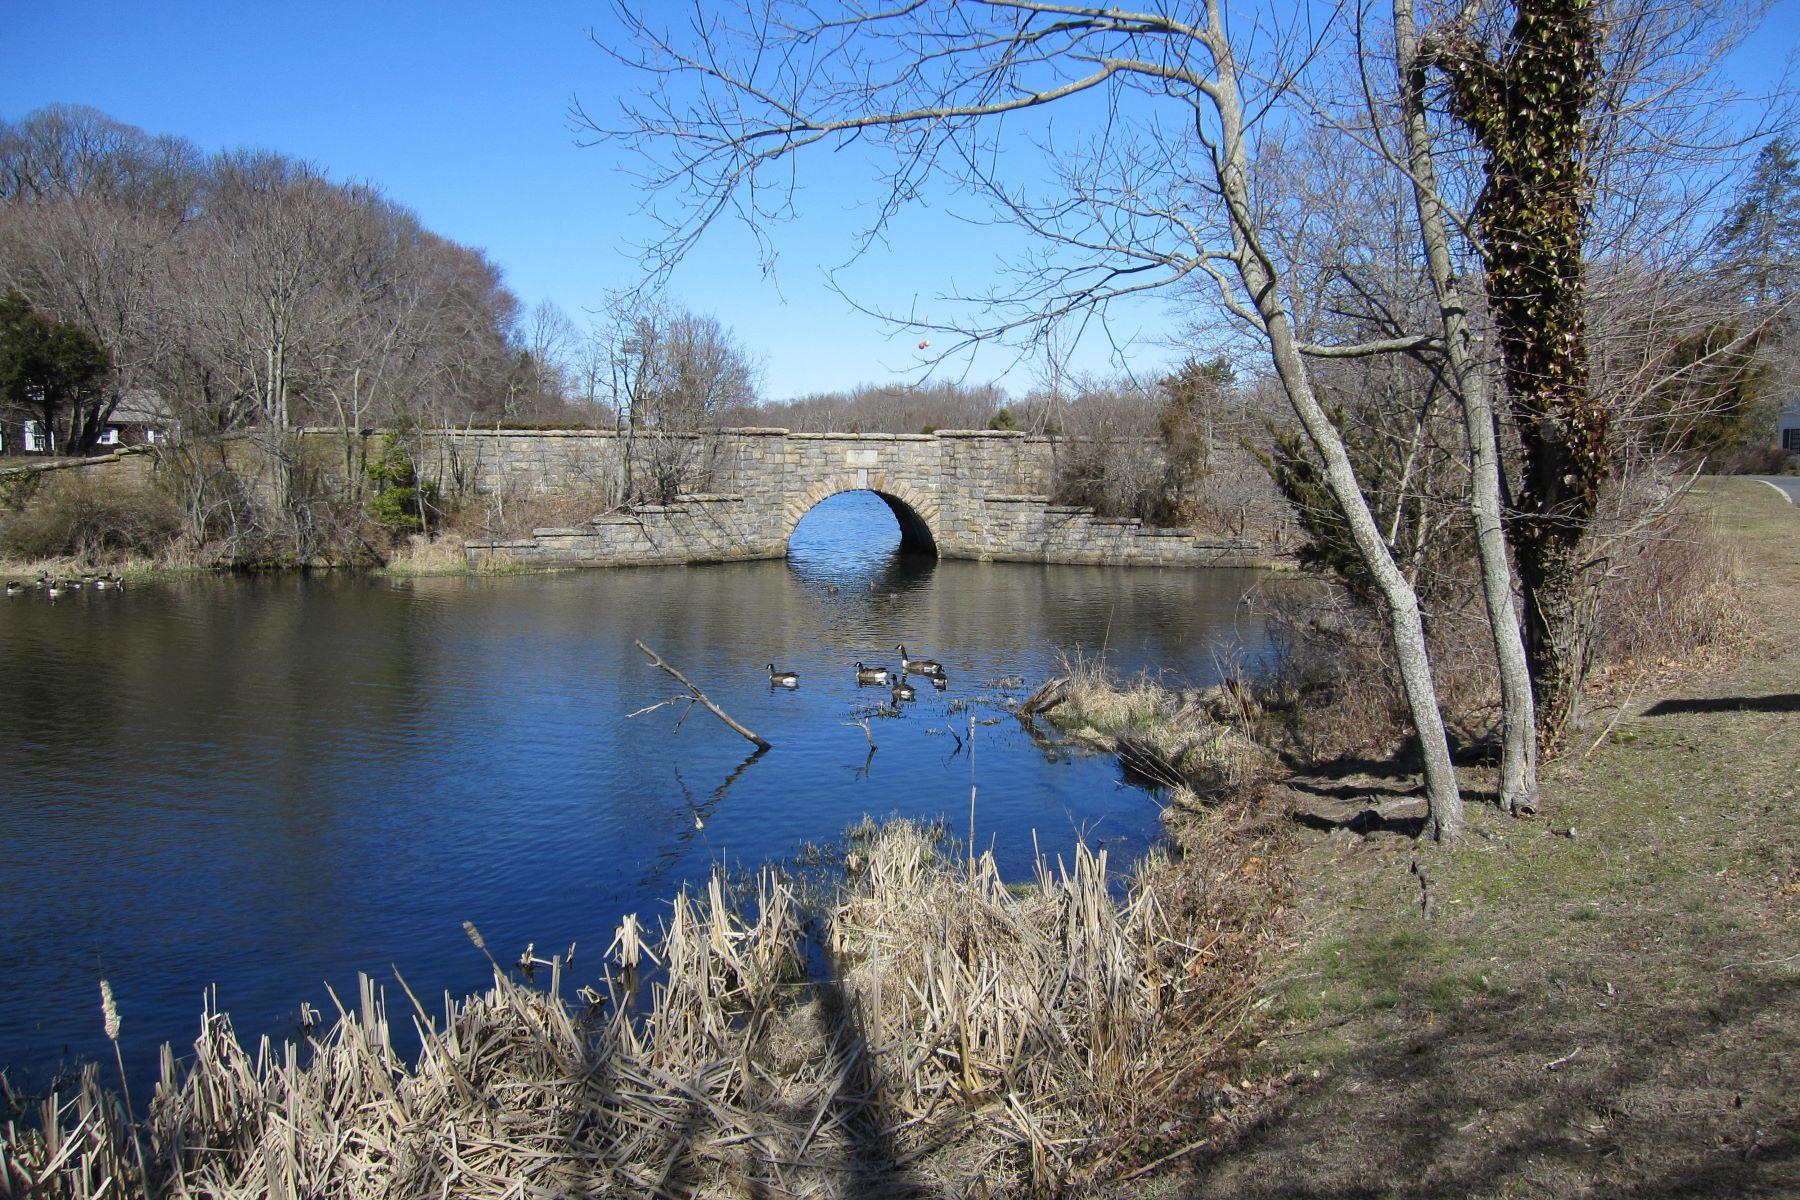 Single Family Homes for Sale at Setauket 5 Bobs Lane Setauket, New York 11733 United States